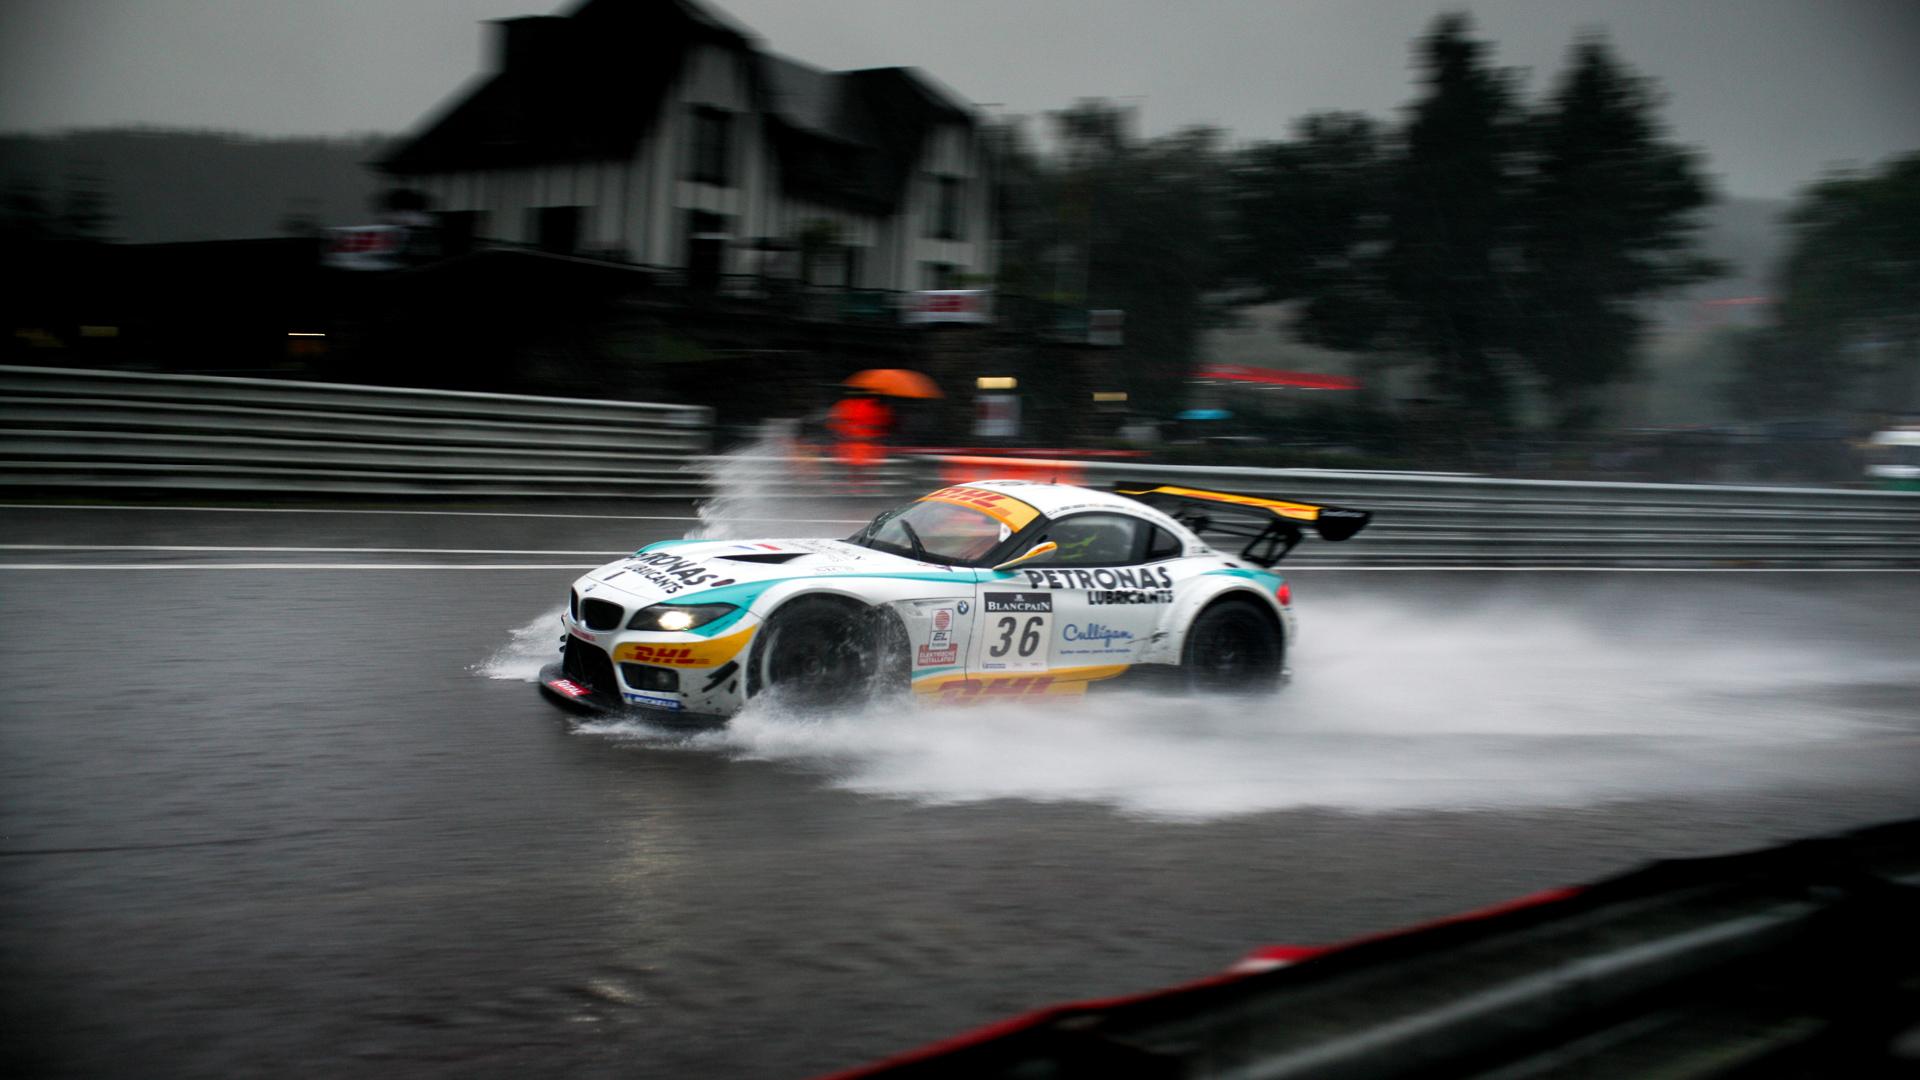 Bmw Racing Cars Wallpapers Wallpapersafari